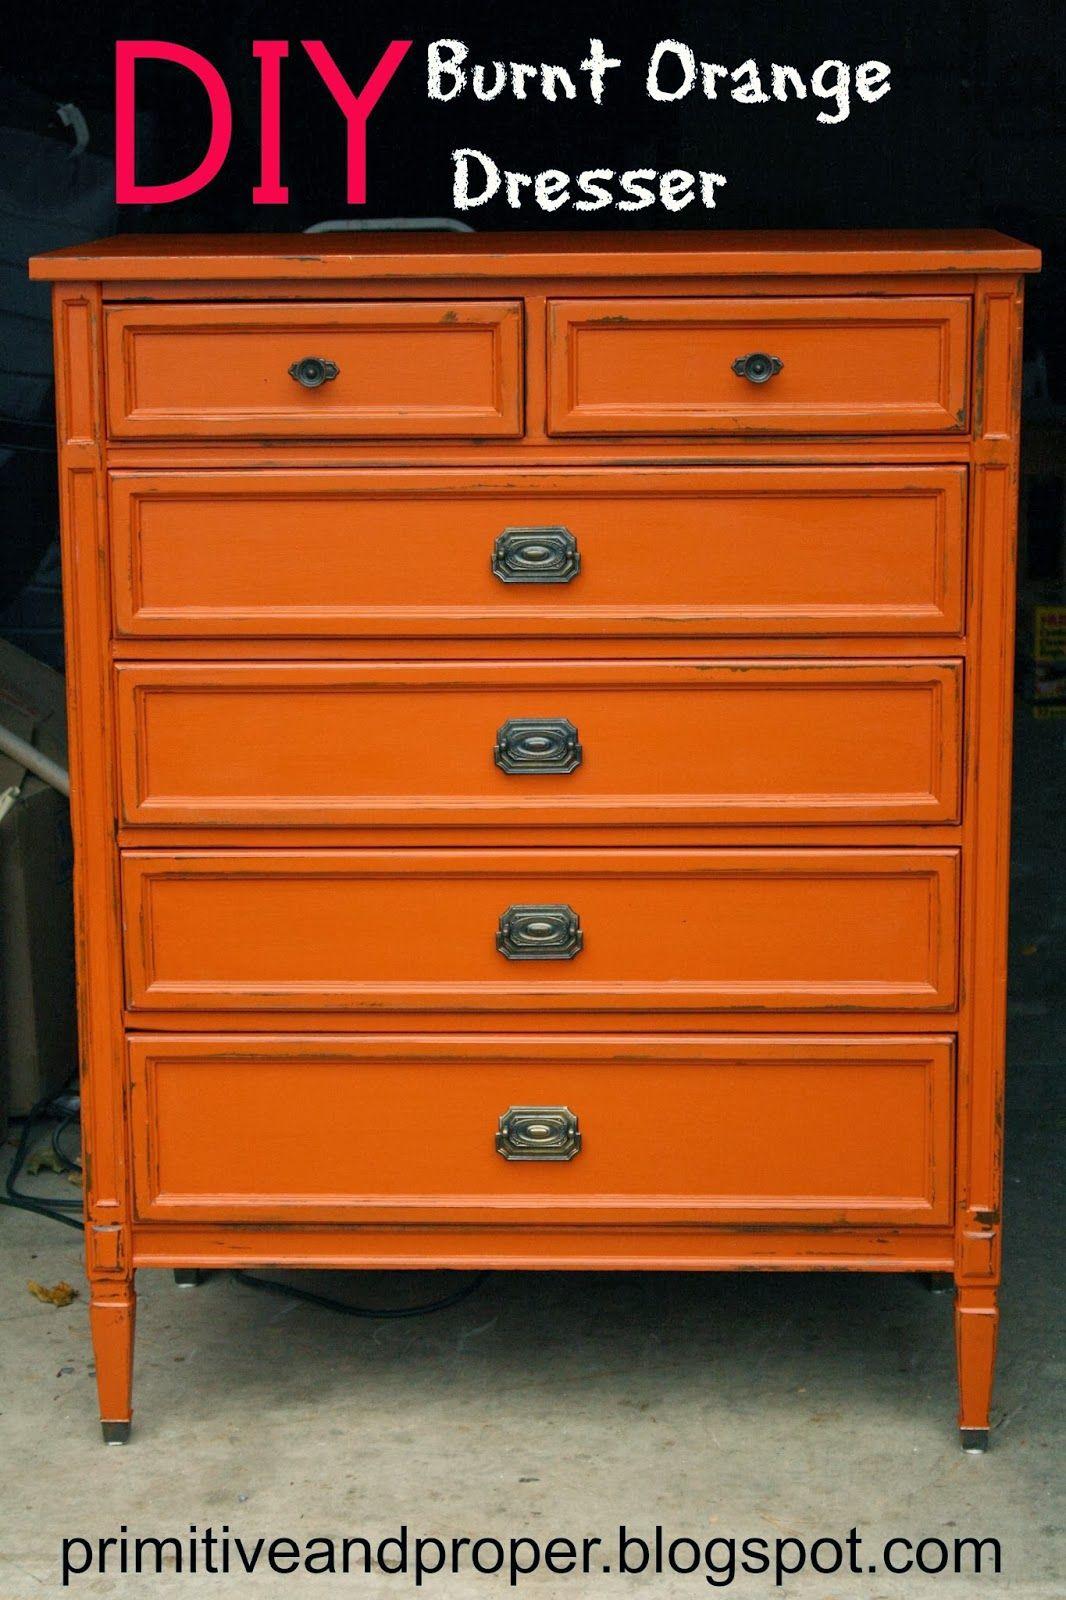 primitive  proper diy burnt orange dresser lightly distressed  - primitive  proper diy burnt orange dresser lightly distressed